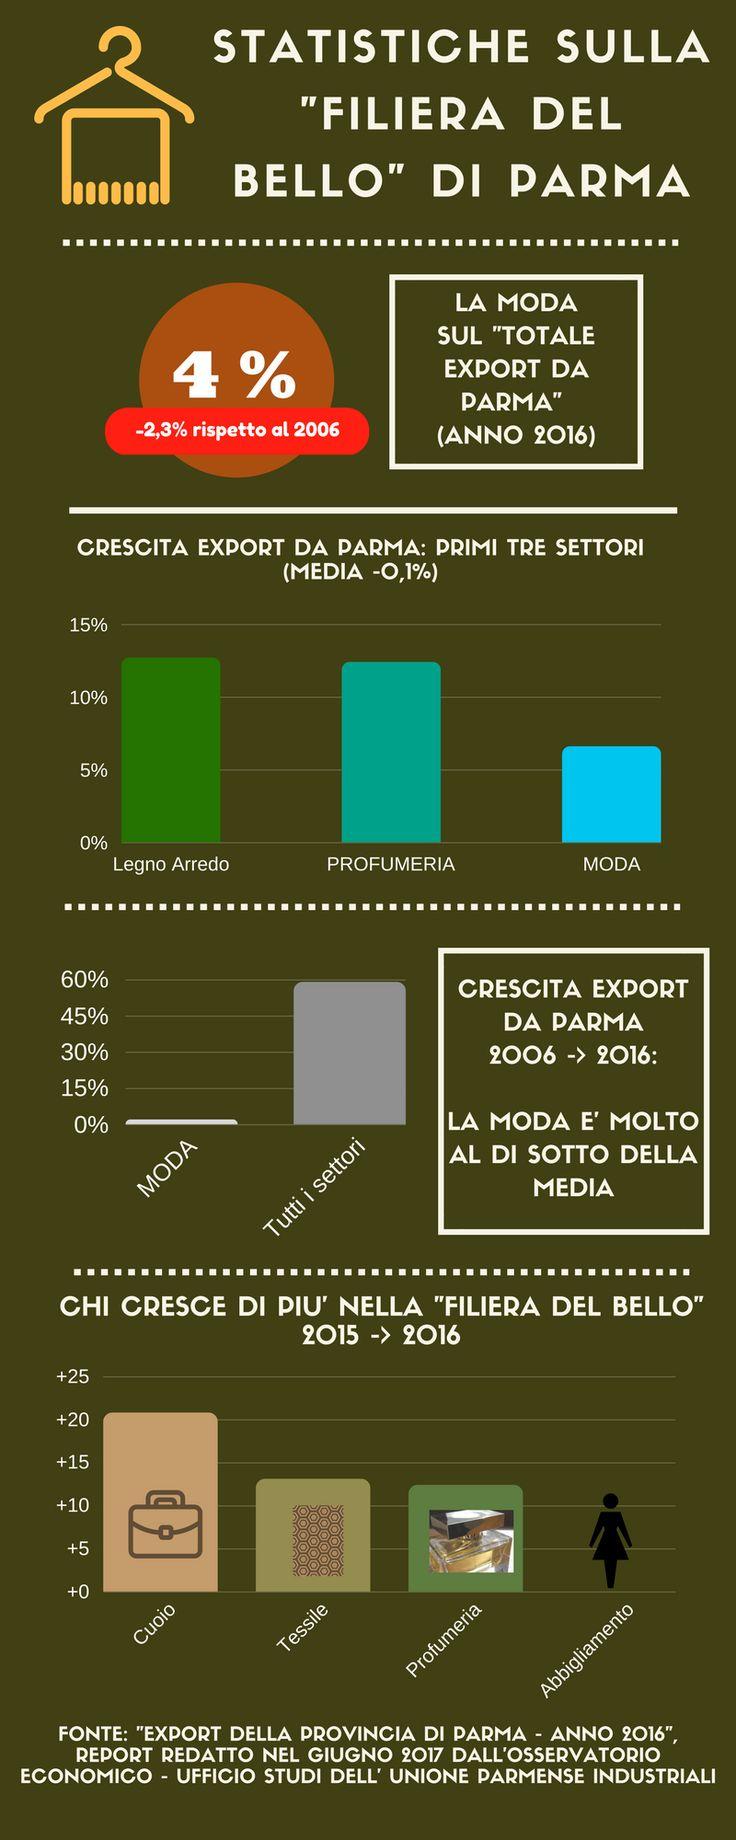 In chiaroscuro il quadro e le prospettive della moda di Parma  La crescita dell'export di moda nel 2016 è stato, per la provincia di Parma, significativo (+7%) e superiore alla media di tutti i settori (-0,1%). Ed il quadro migliora ancora se aggiungiamo la profumeria (+12%). Tuttavia, la disamina degli ultimi 10 anni rende evidente quanto la crisi abbia inciso sulla filiera...